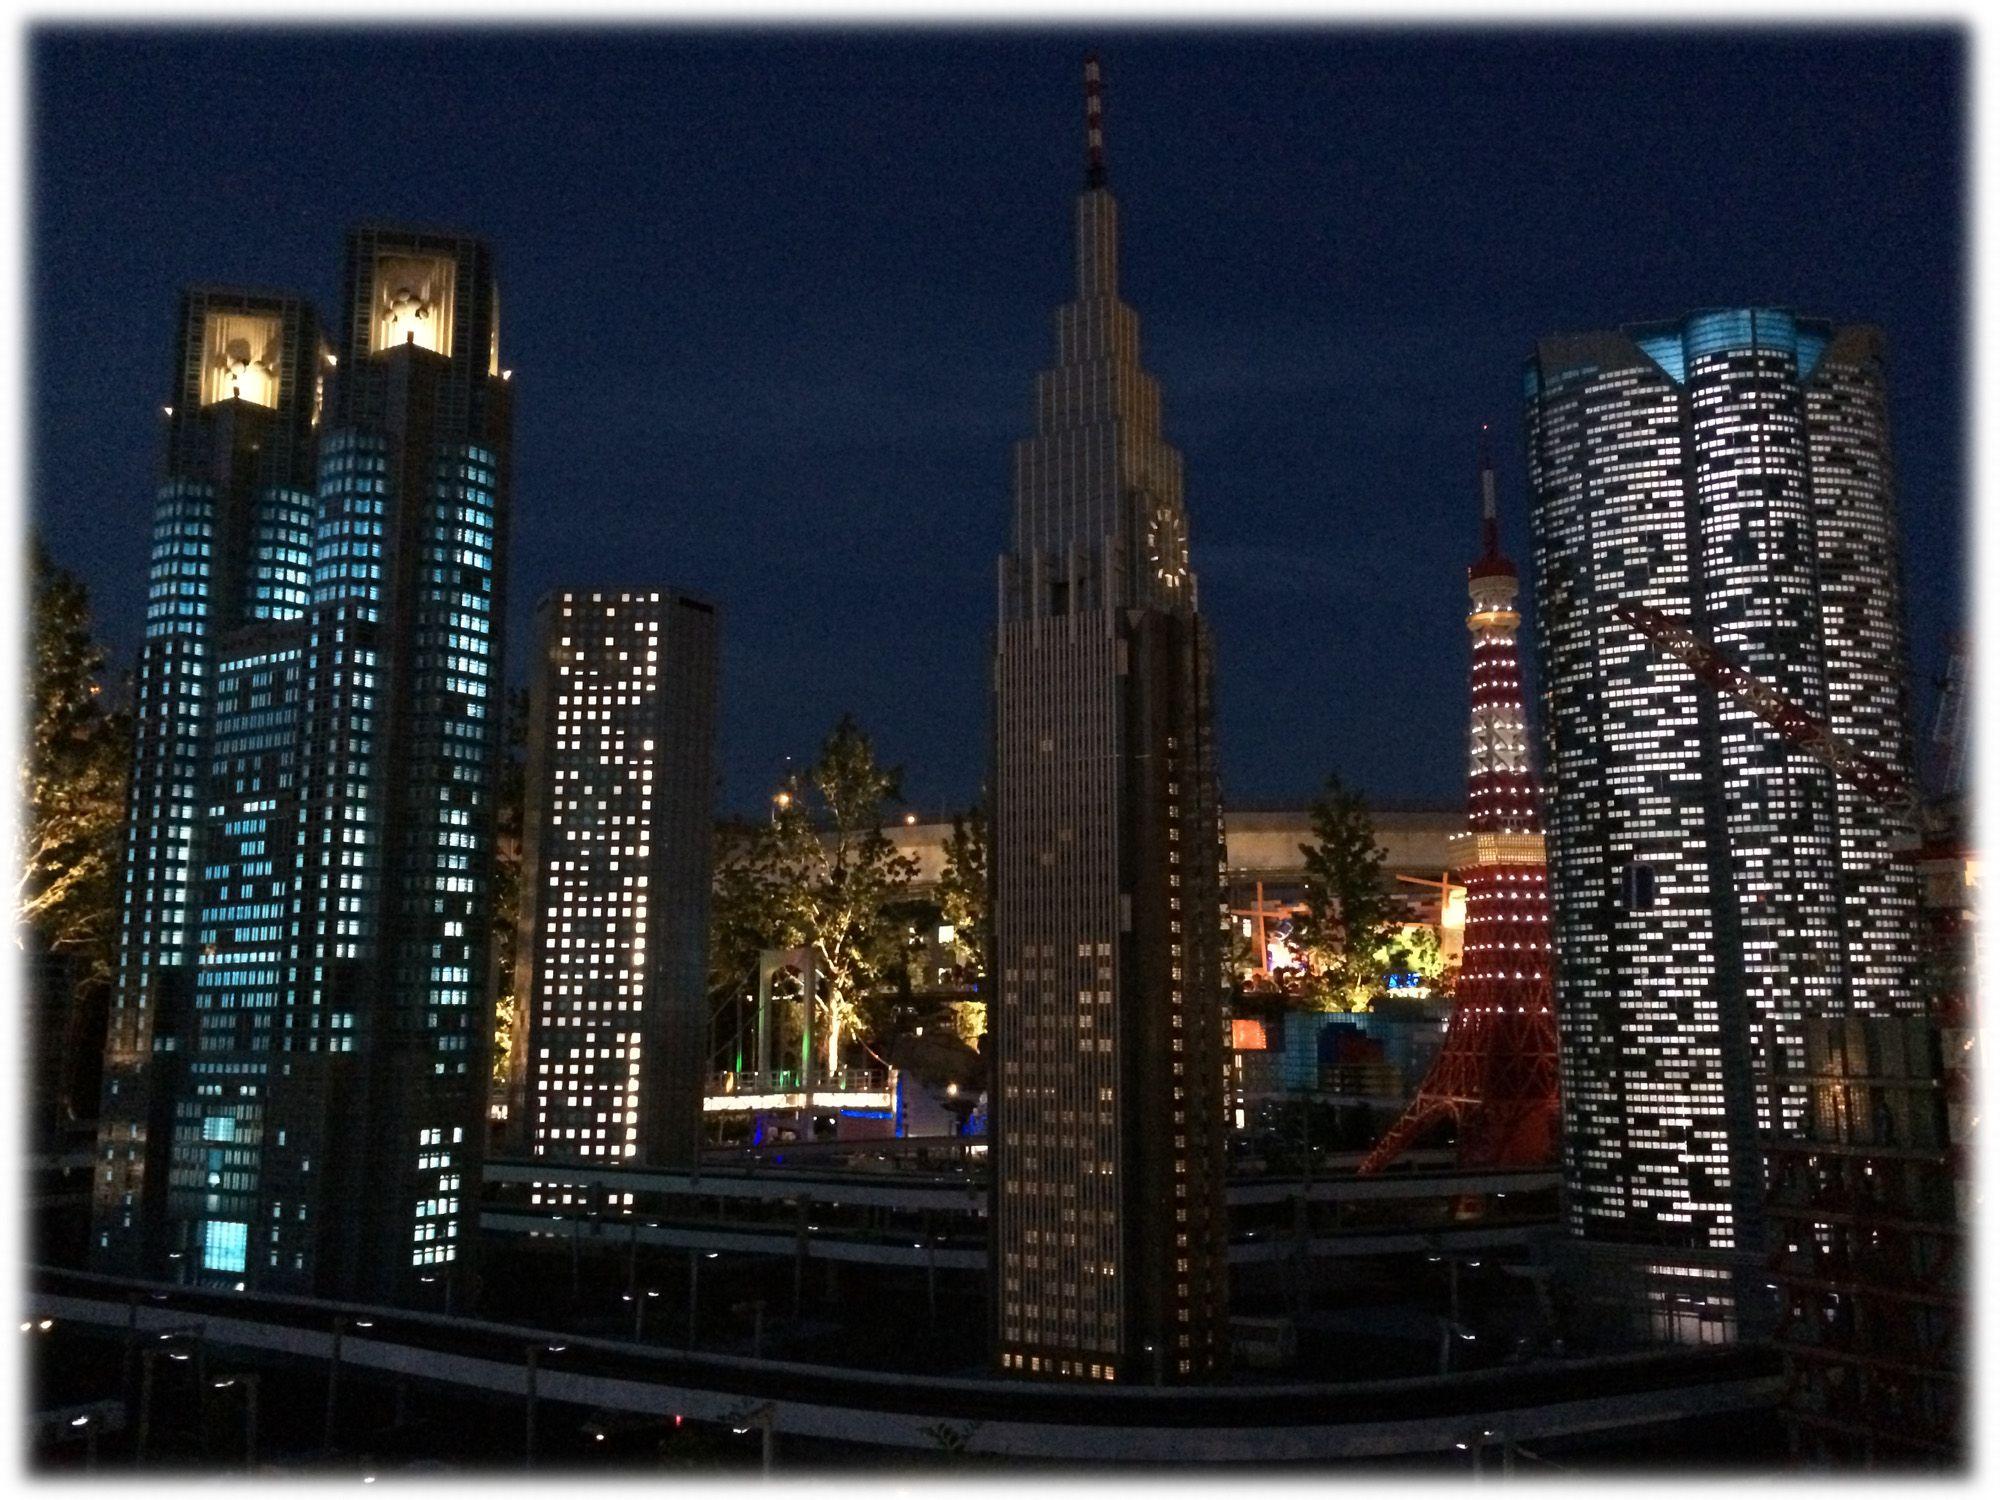 ミニランド 東京 夜景